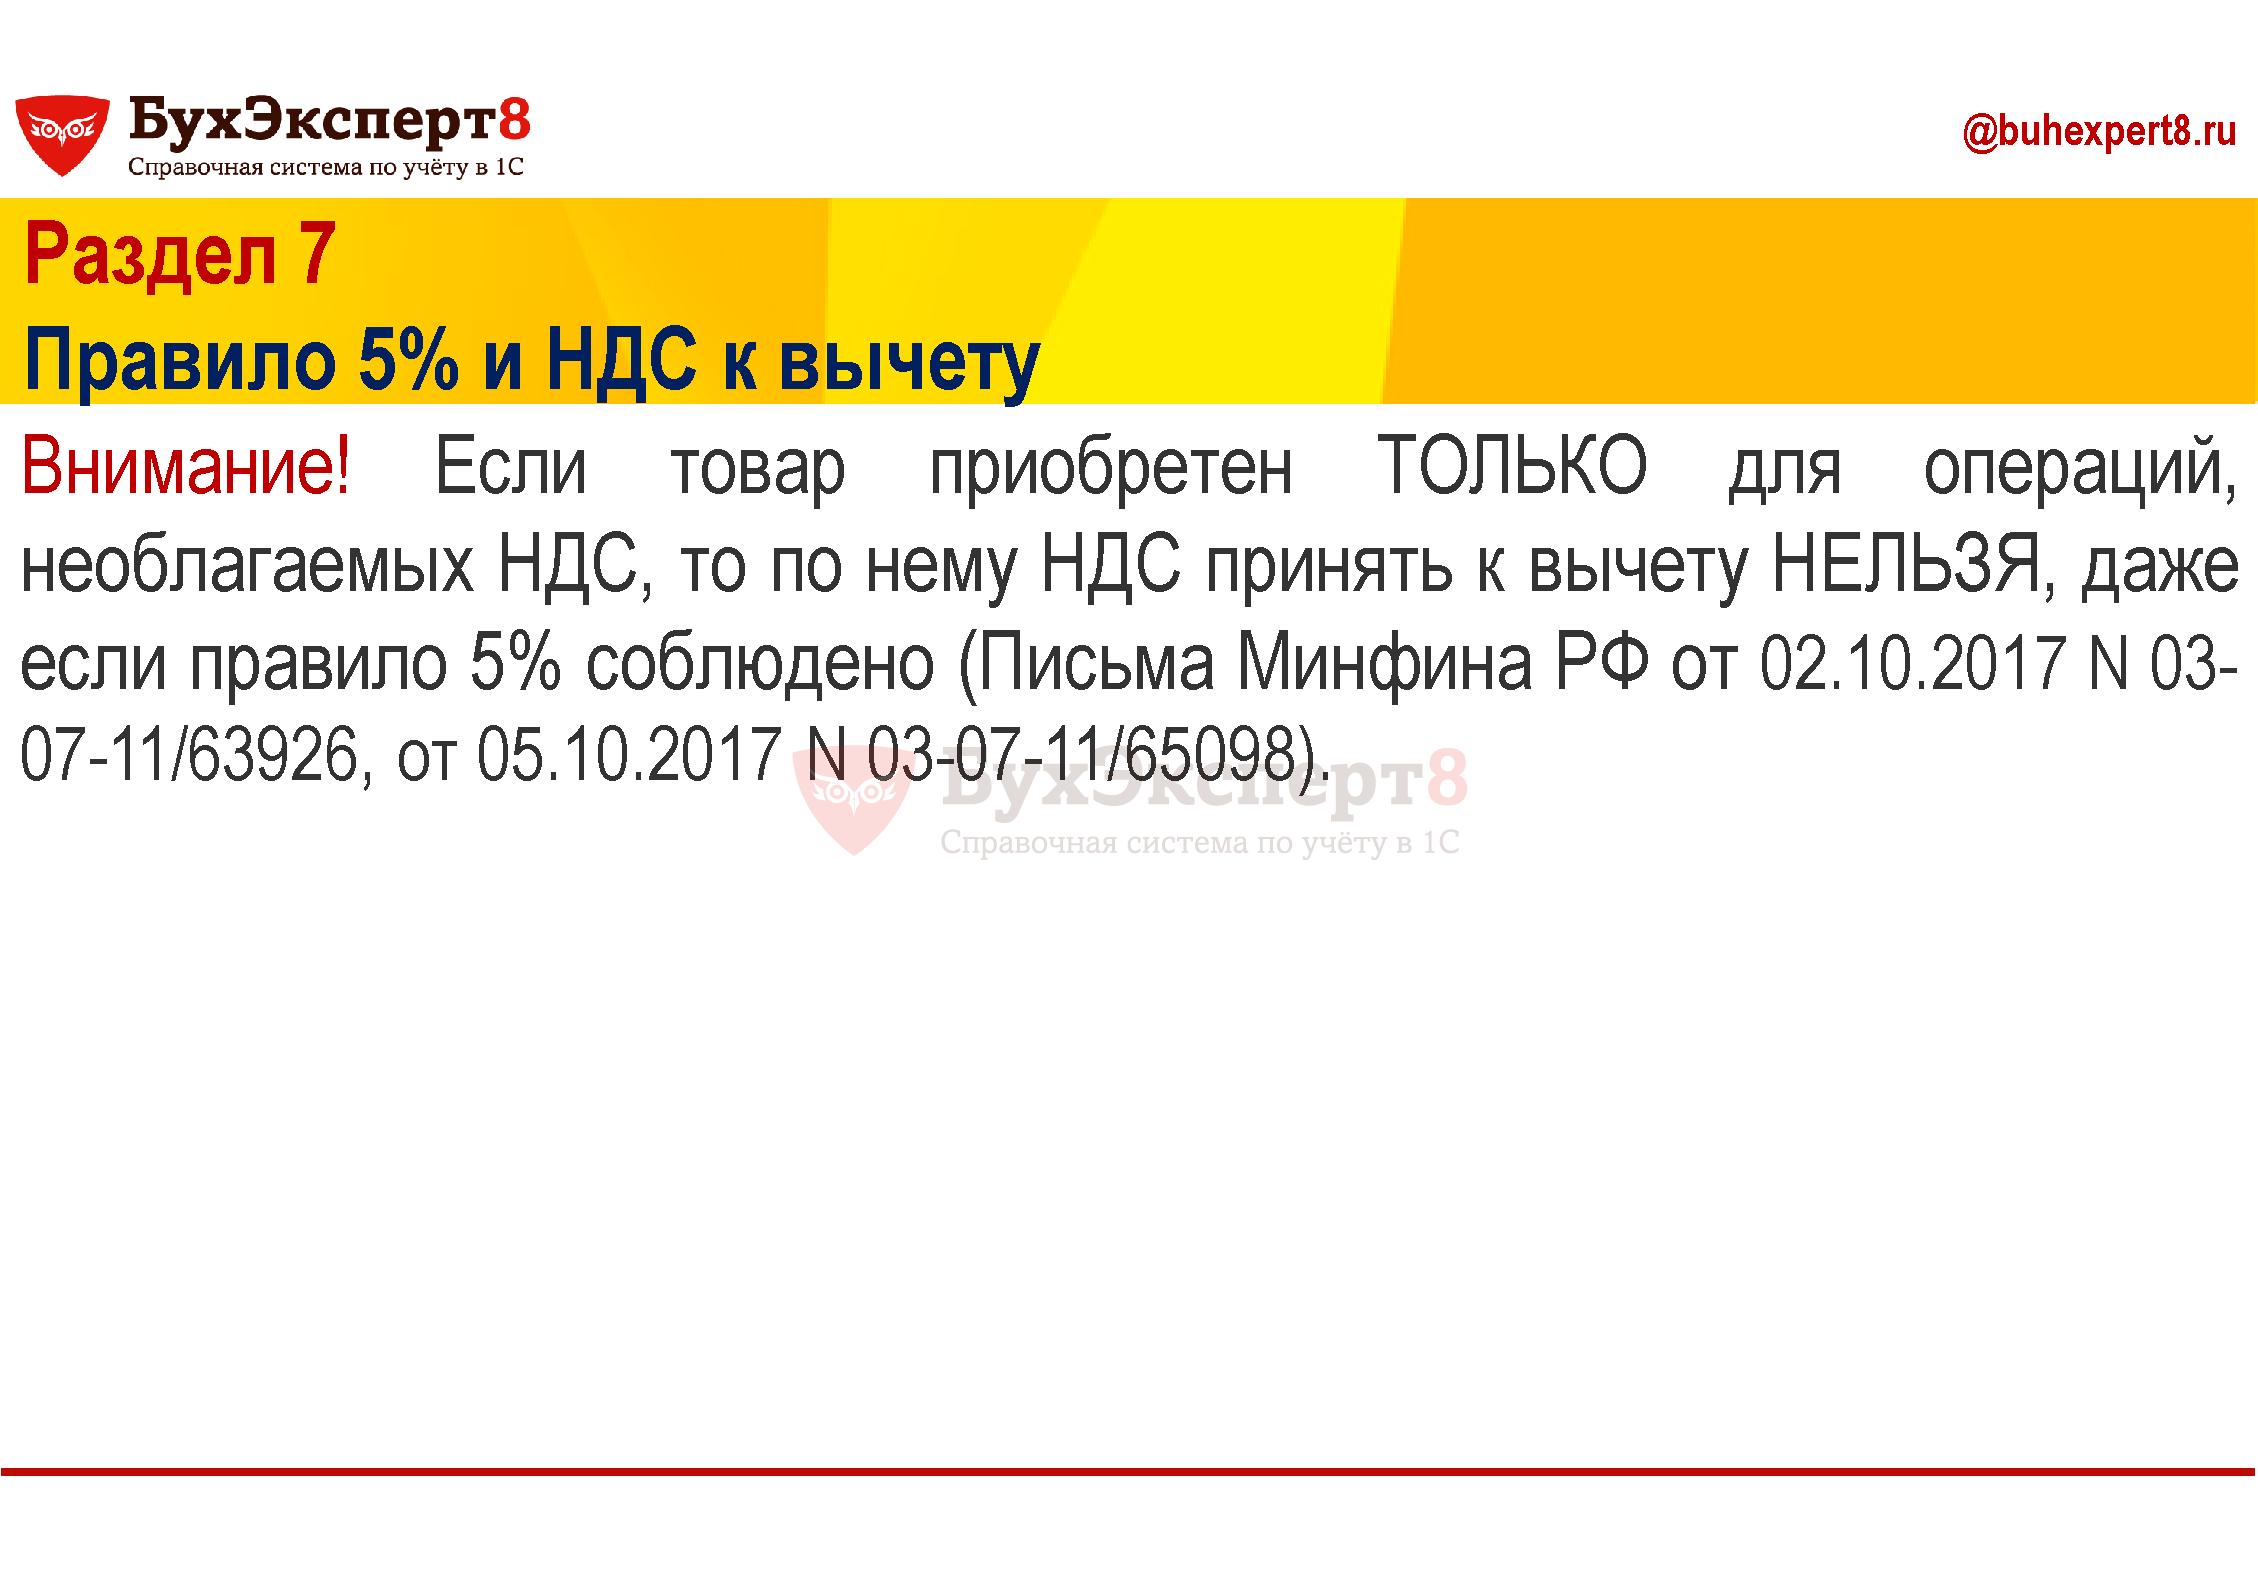 Раздел 7 Правило 5% и НДС к вычету Внимание! Если товар приобретен ТОЛЬКО для операций, необлагаемых НДС, то по нему НДС принять к вычету НЕЛЬЗЯ, даже если правило 5% соблюдено (Письма Минфина РФ от 02.10.2017 N 03-07-11/63926, от 05.10.2017 N 03-07-11/65098)